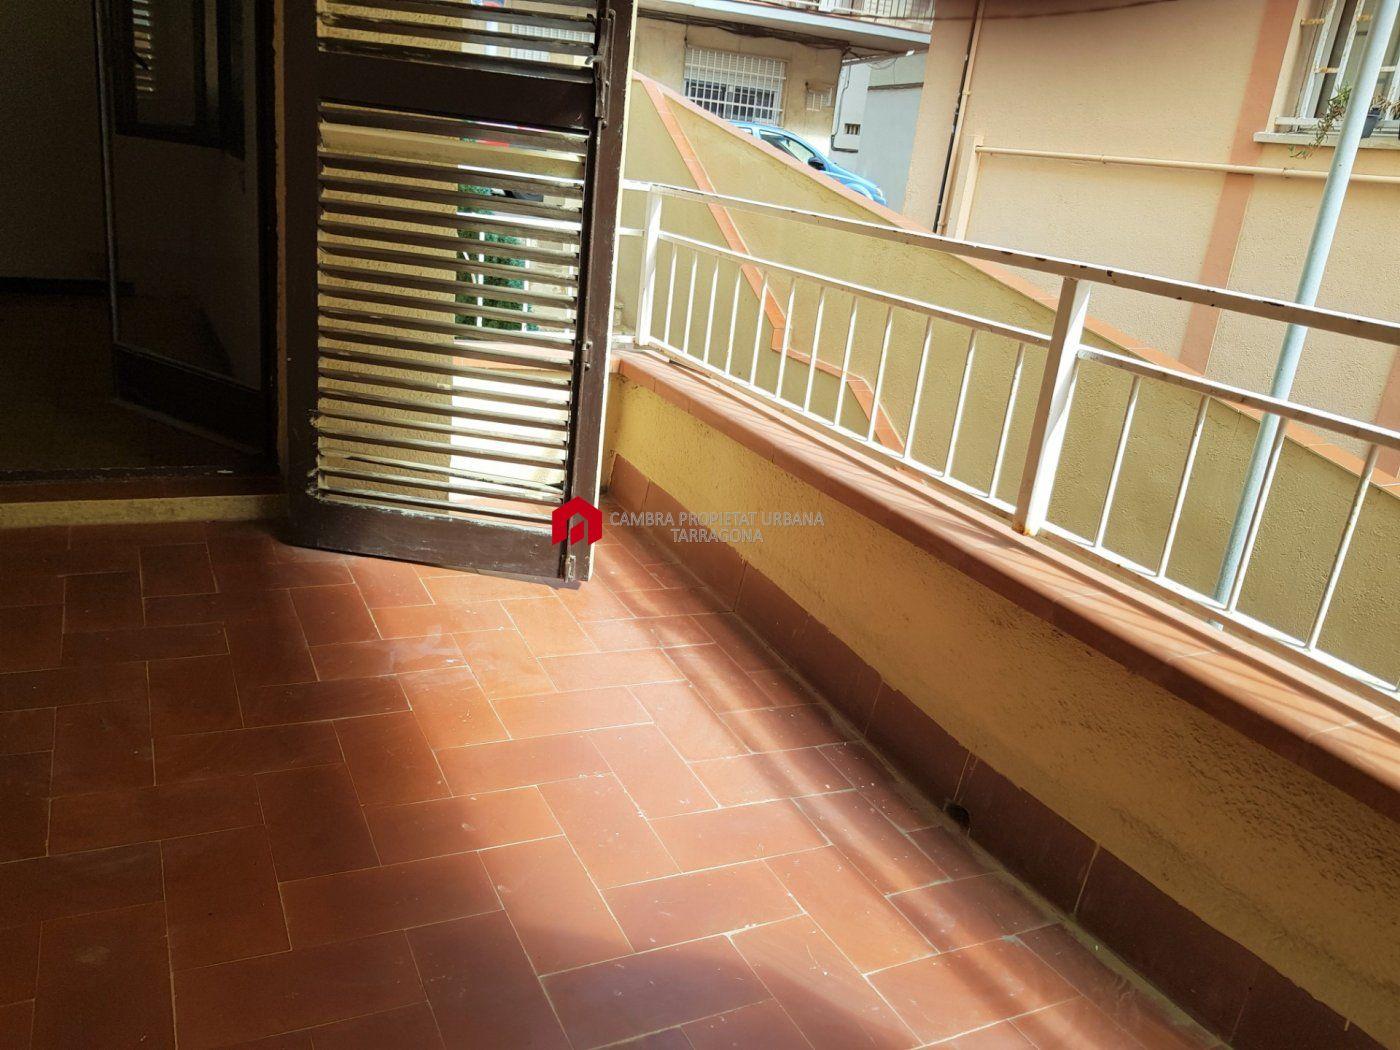 Pis · Tarragona · Eixample 95.000€€